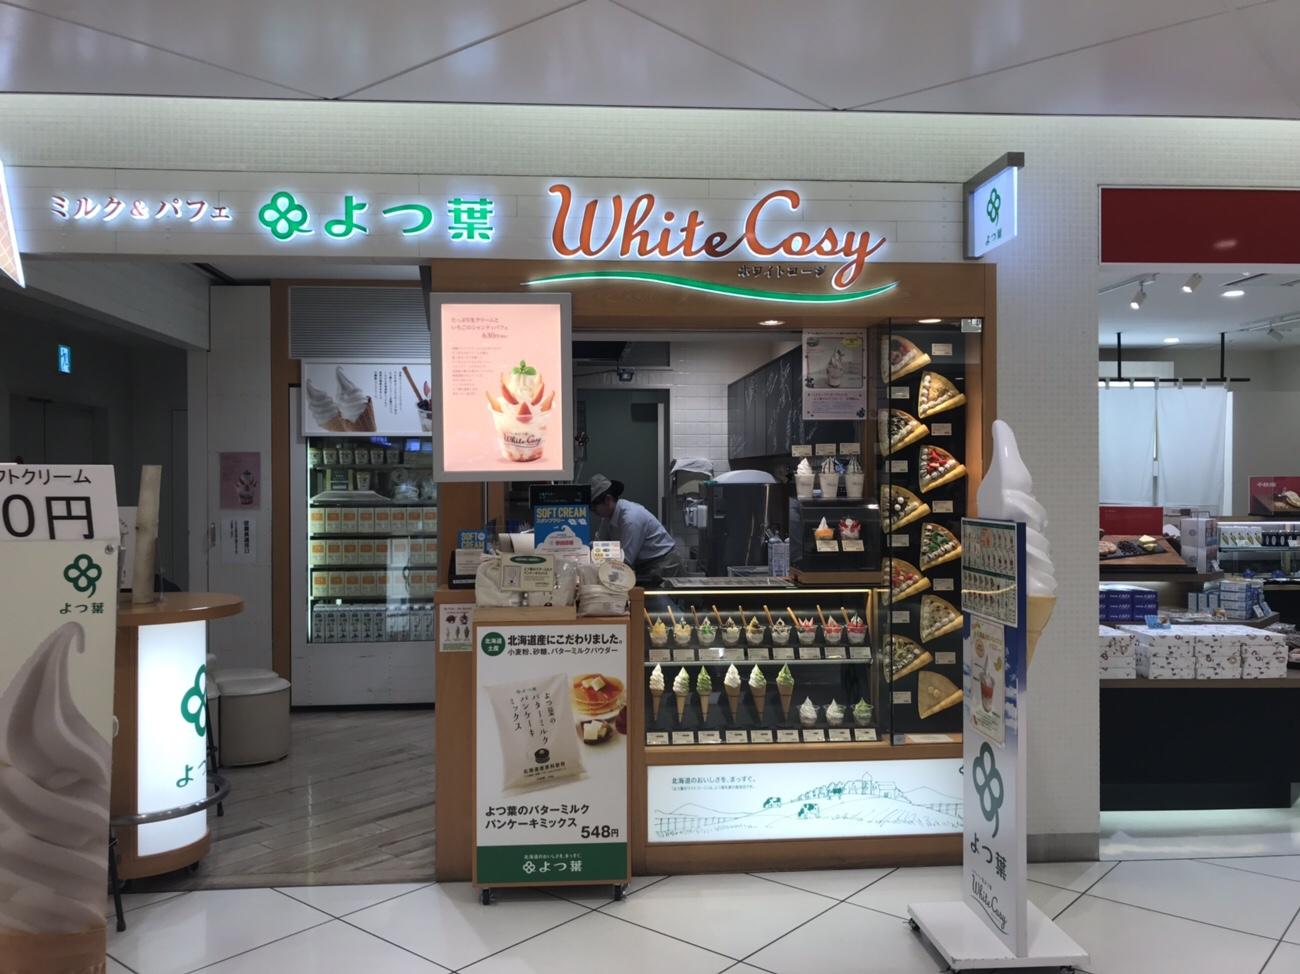 新千歳空港グルメ よつ葉 ソフトクリーム